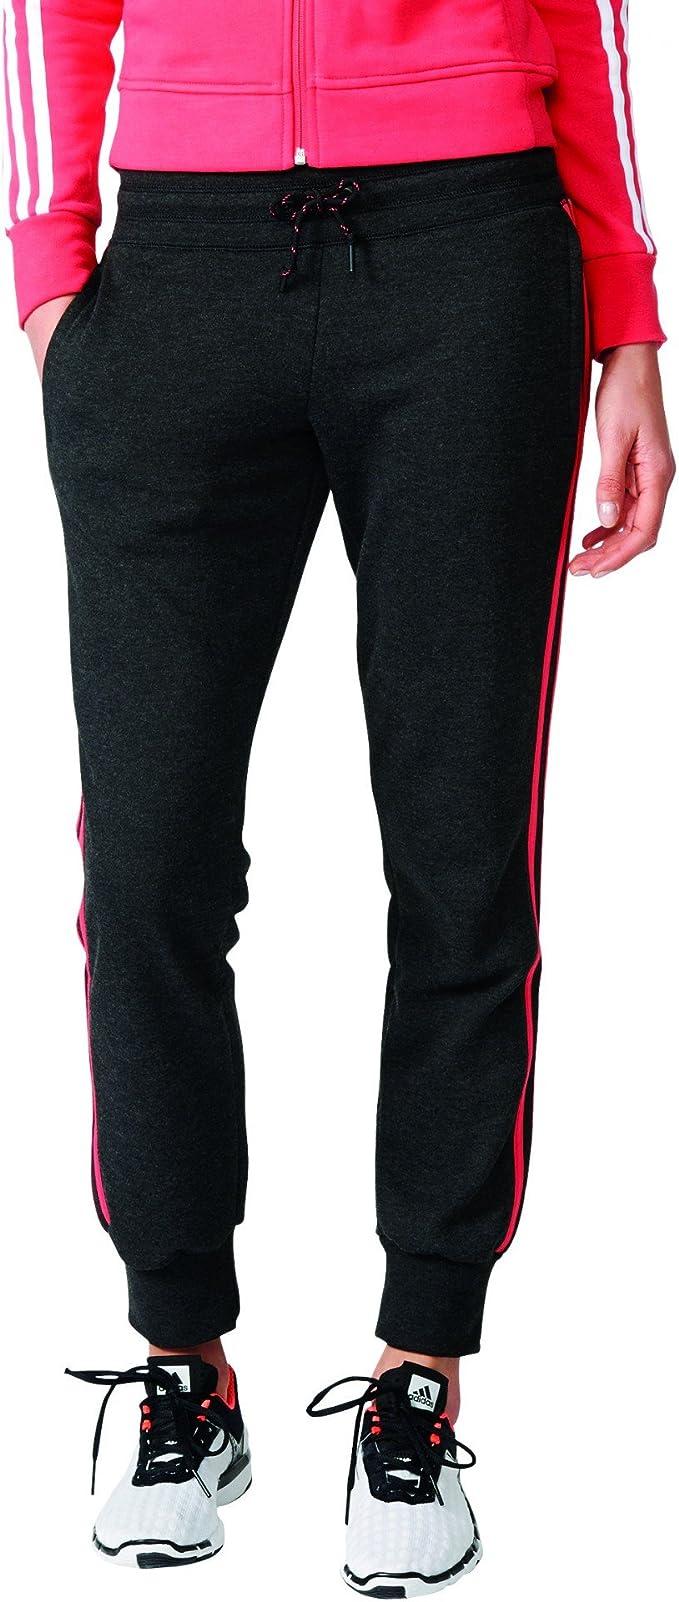 adidas Damen Essentials 3-Stripes Hose: Amazon.de: Bekleidung